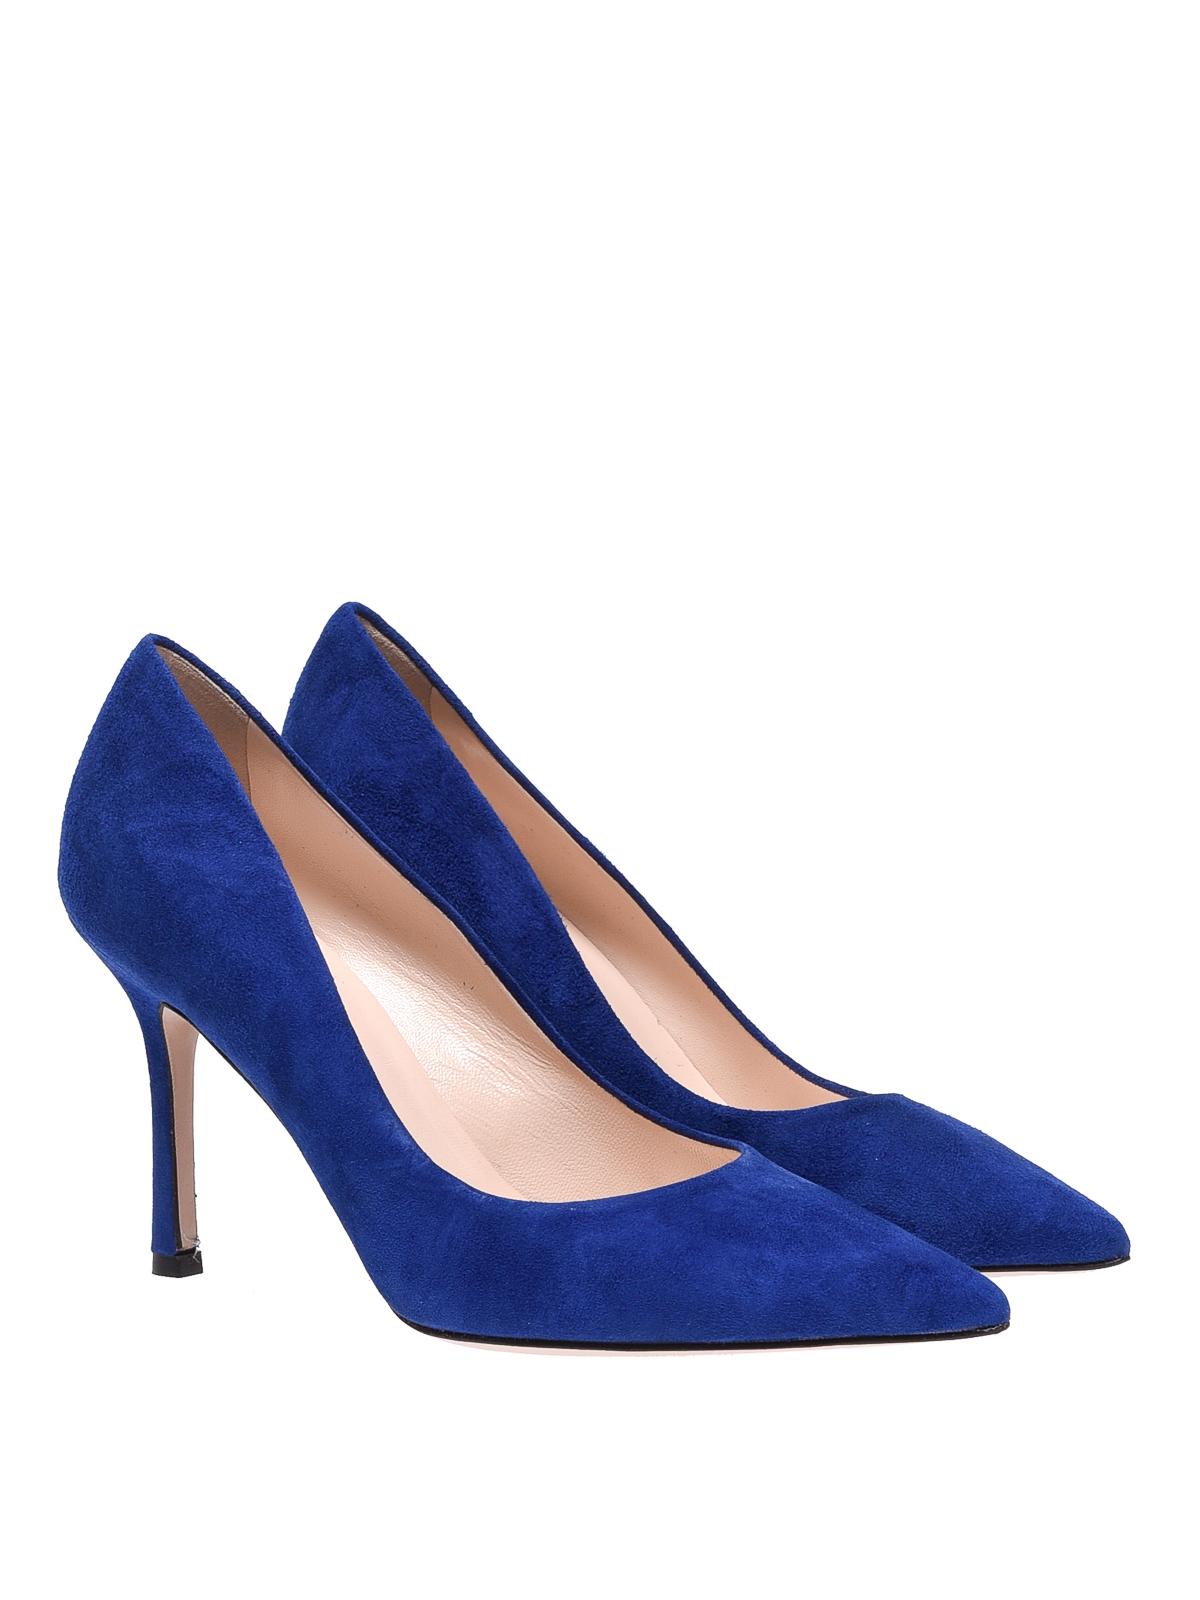 Marc Ellis - Royal blue suede pumps